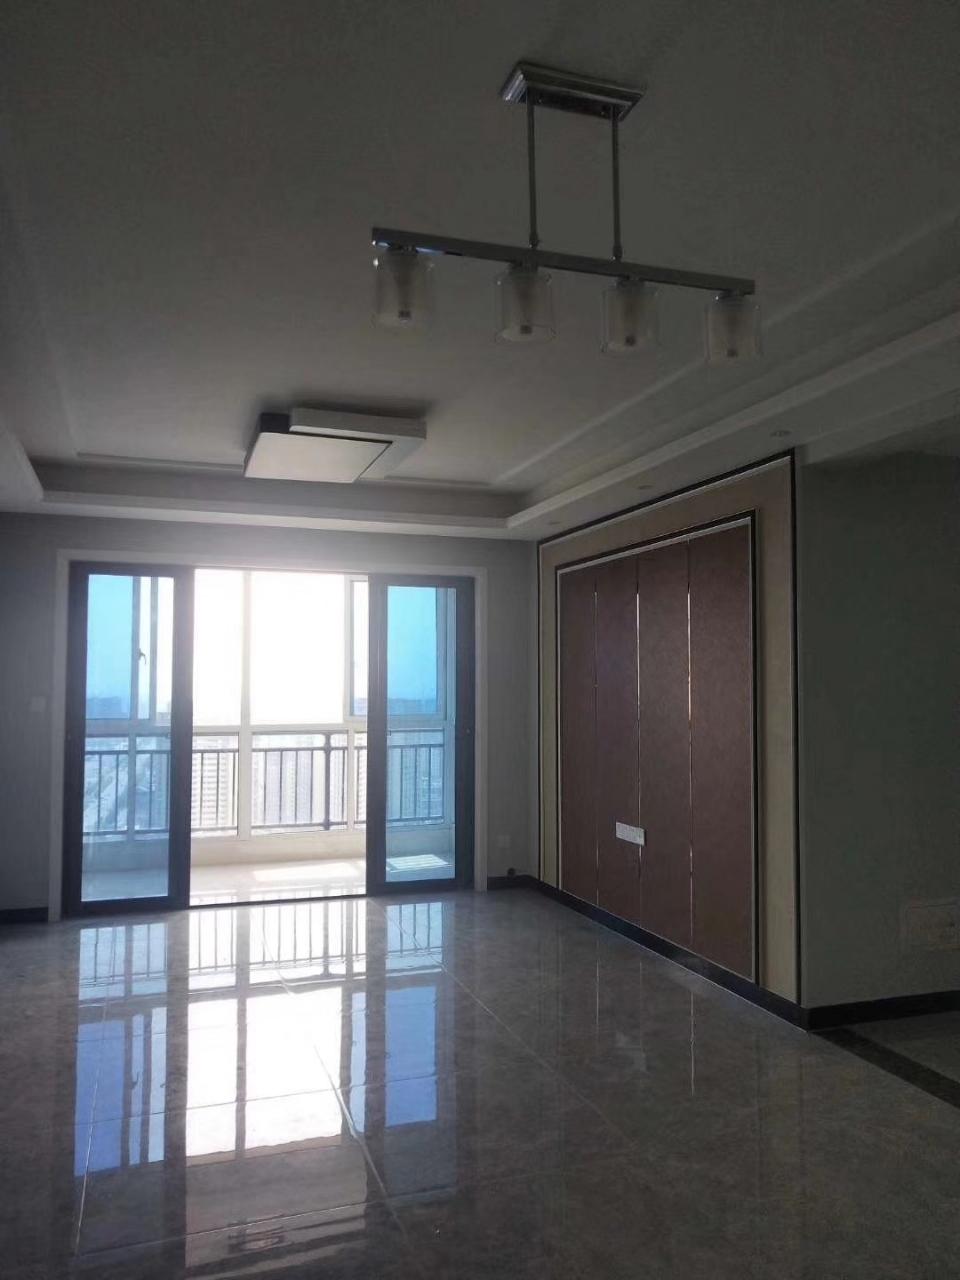 急售瑞景国际学区房3室2厅1卫73万元